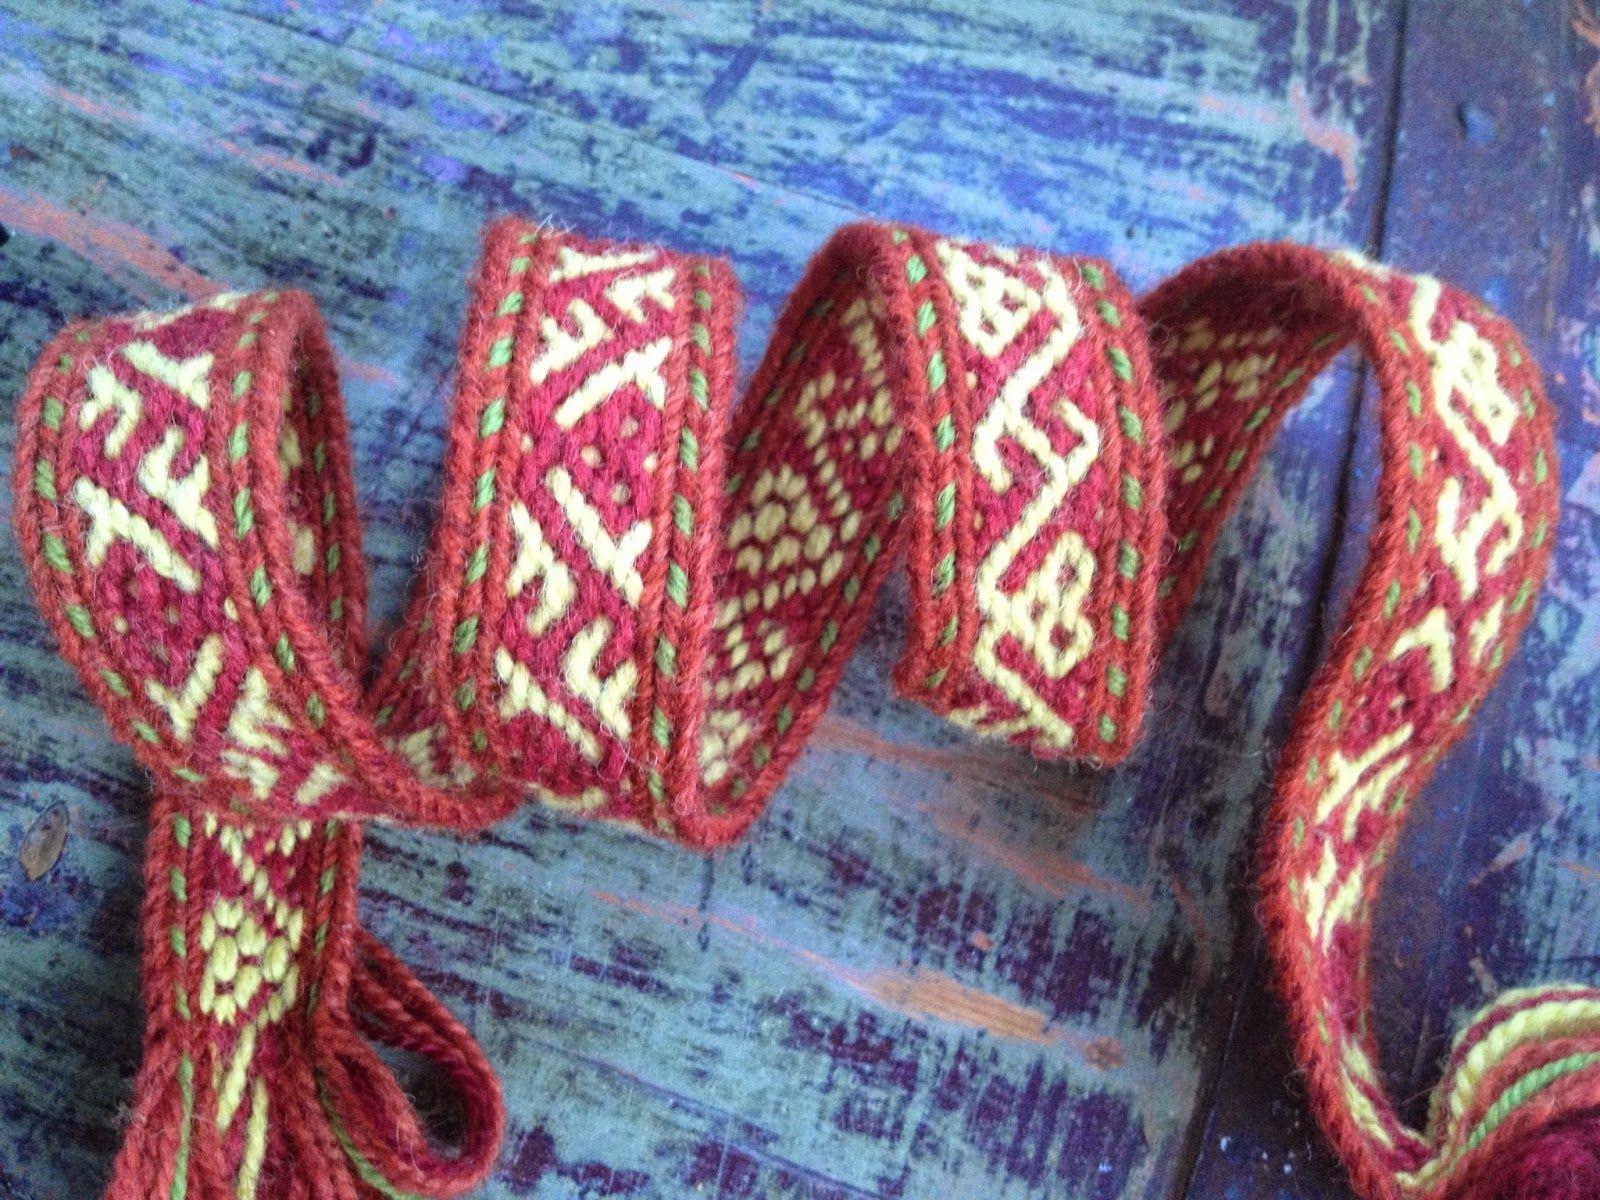 Pebble weave pattern, Maikki Karisto & Mervi Pasanen 2014